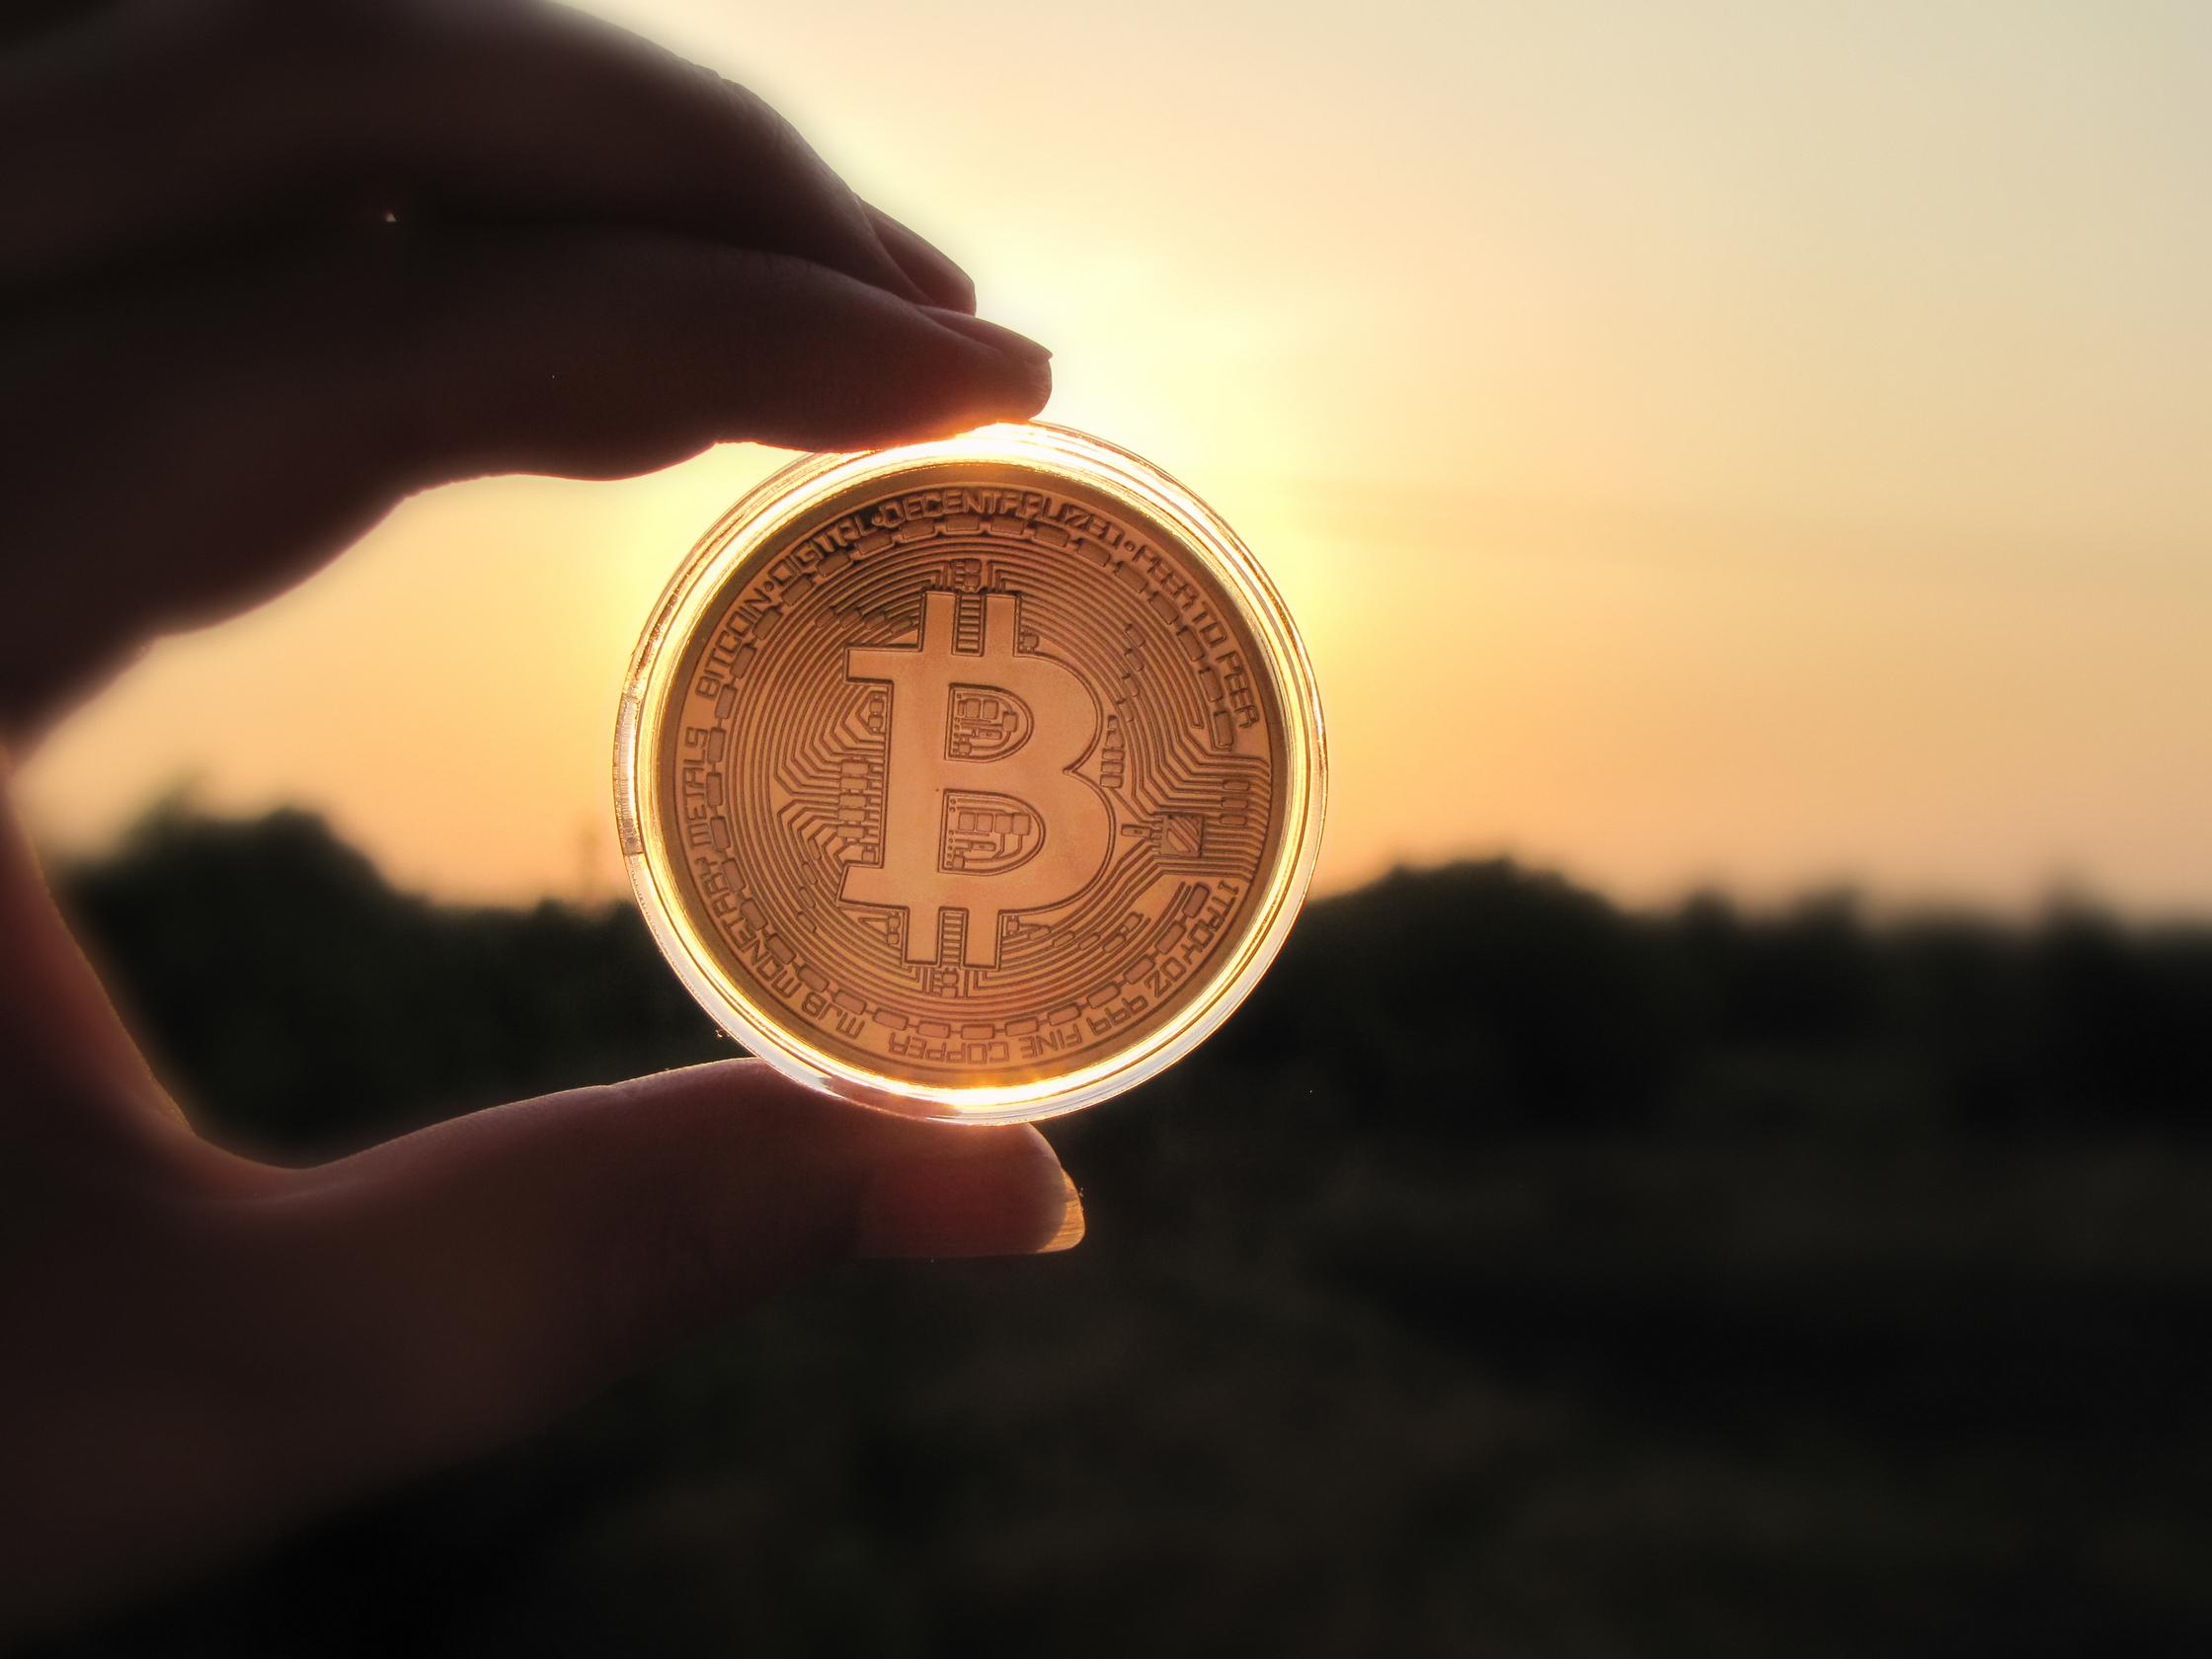 cin bitcoin mcglone